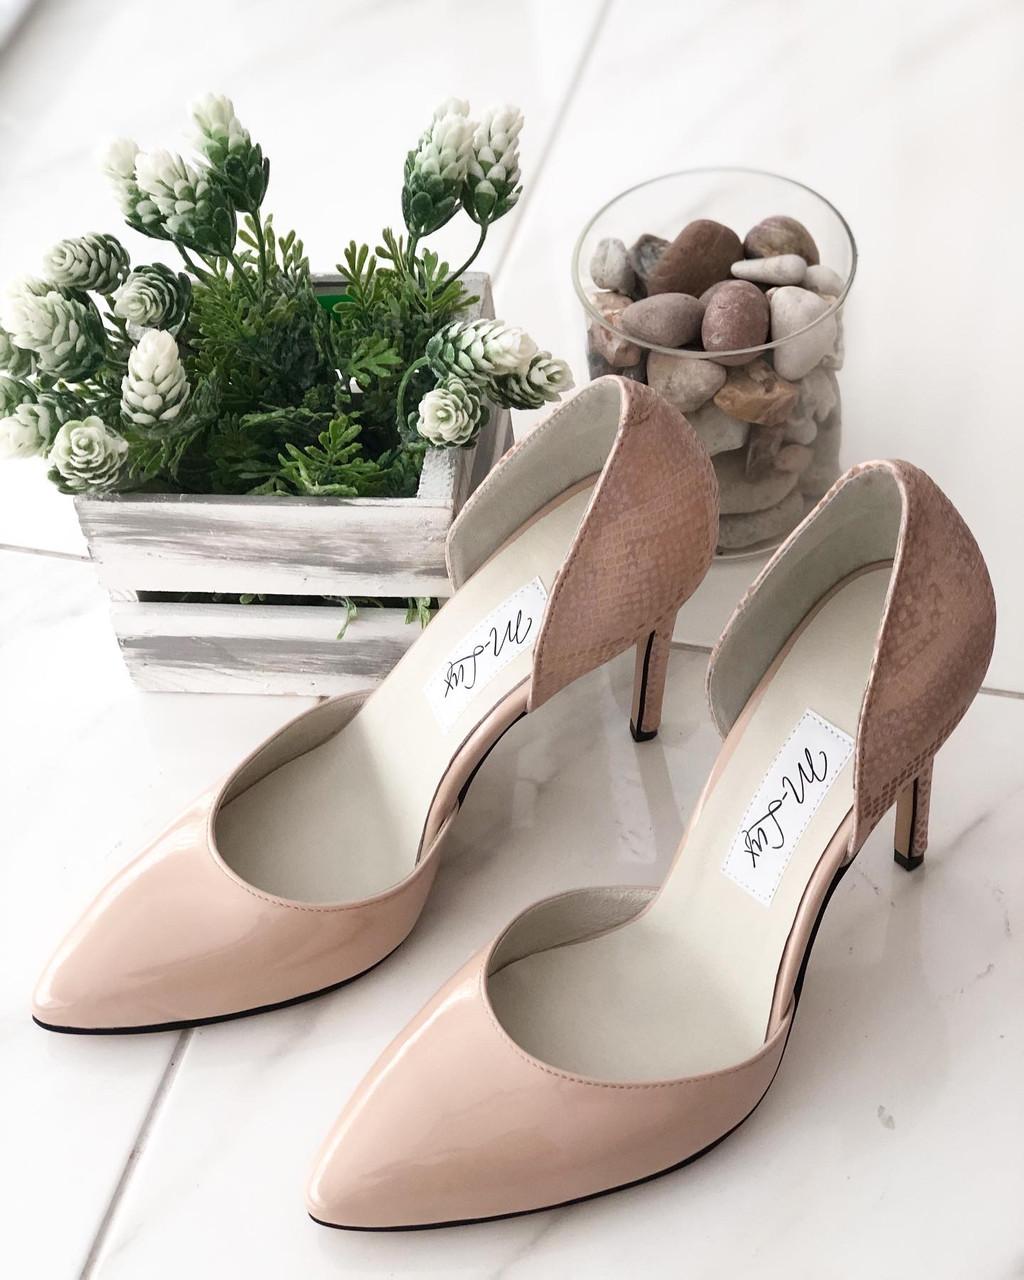 Кожаные Женские туфли 91020/3беж/л размеры 36-41